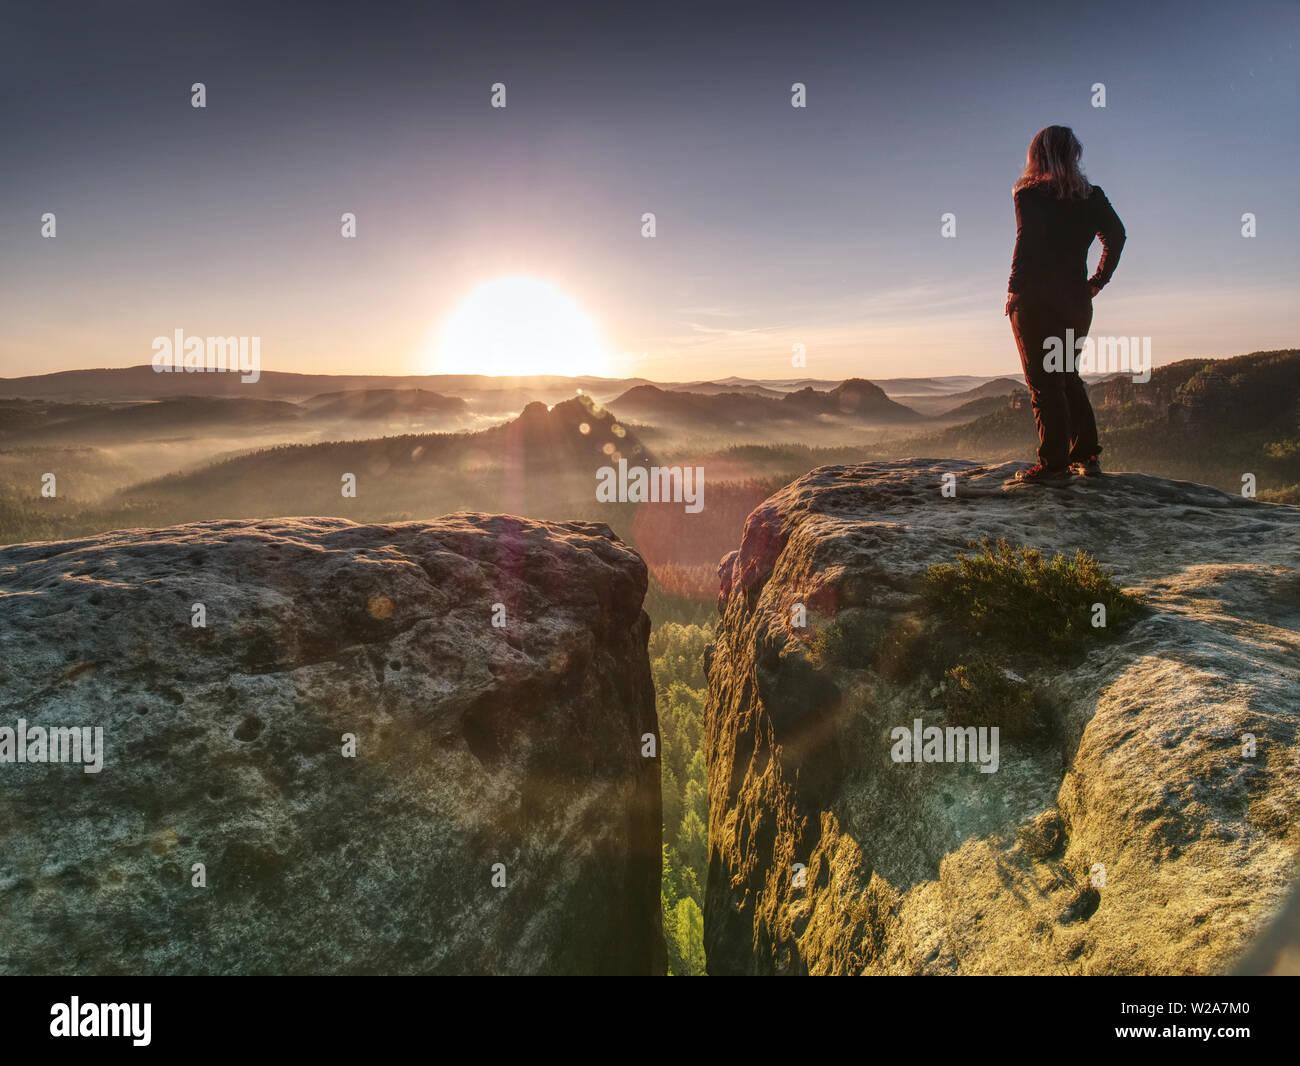 Allein Frau Wanderer Modell in der wilden Natur in herrlicher Sonnenaufgang. Misty Valley irgendwo im hügeligen ladscape. Stockbild